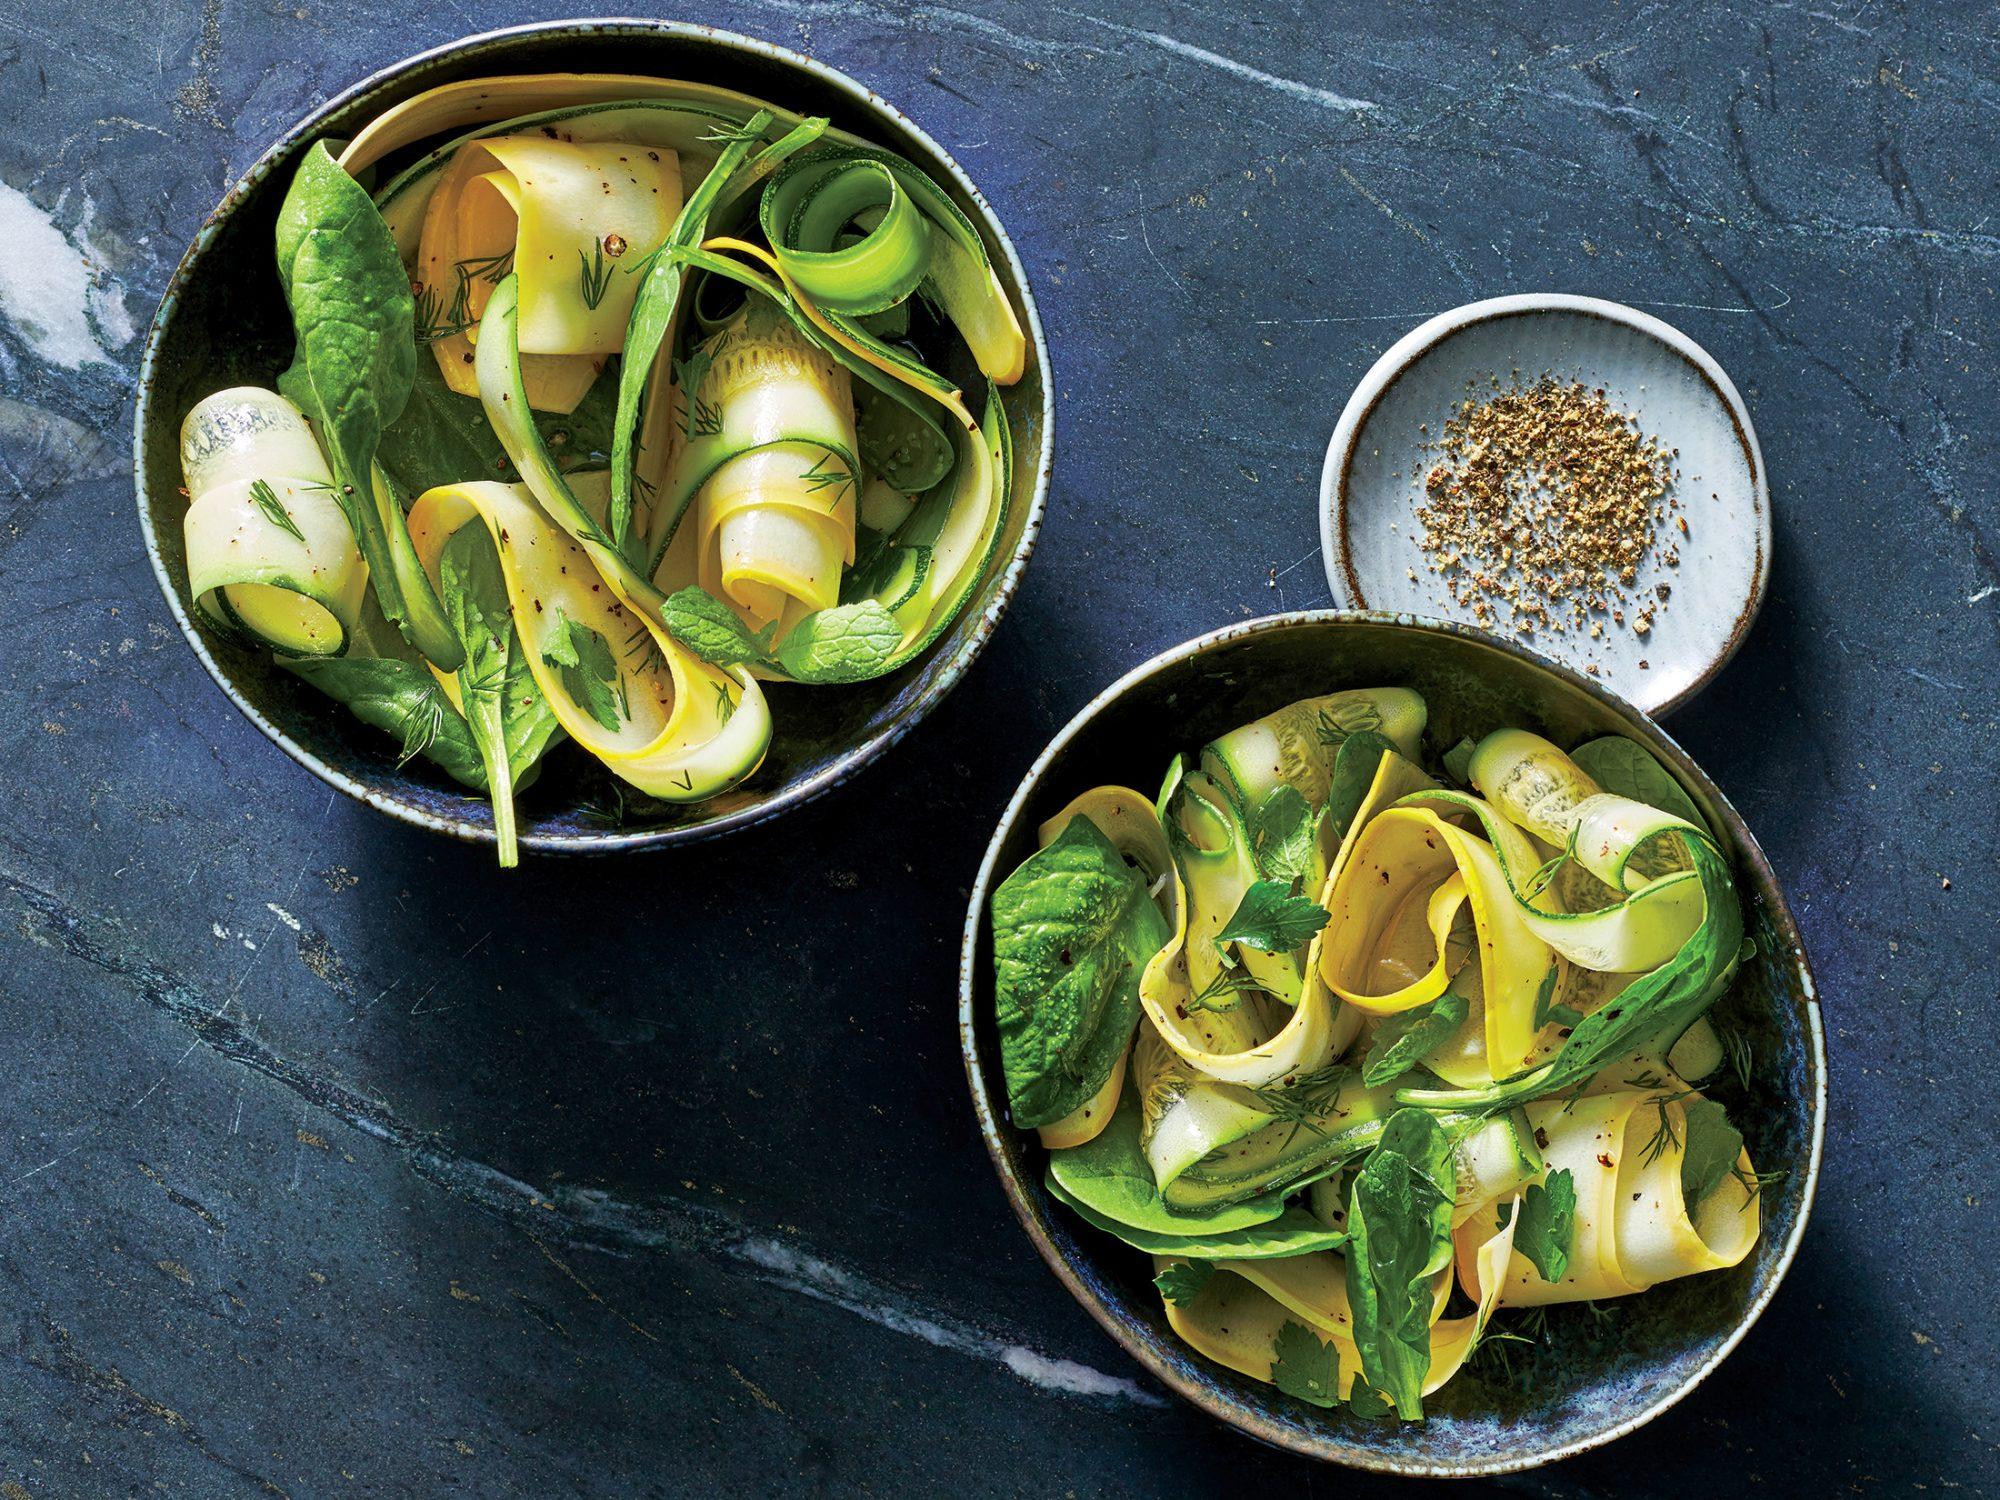 Squash-Ribbon Salad with Herbs